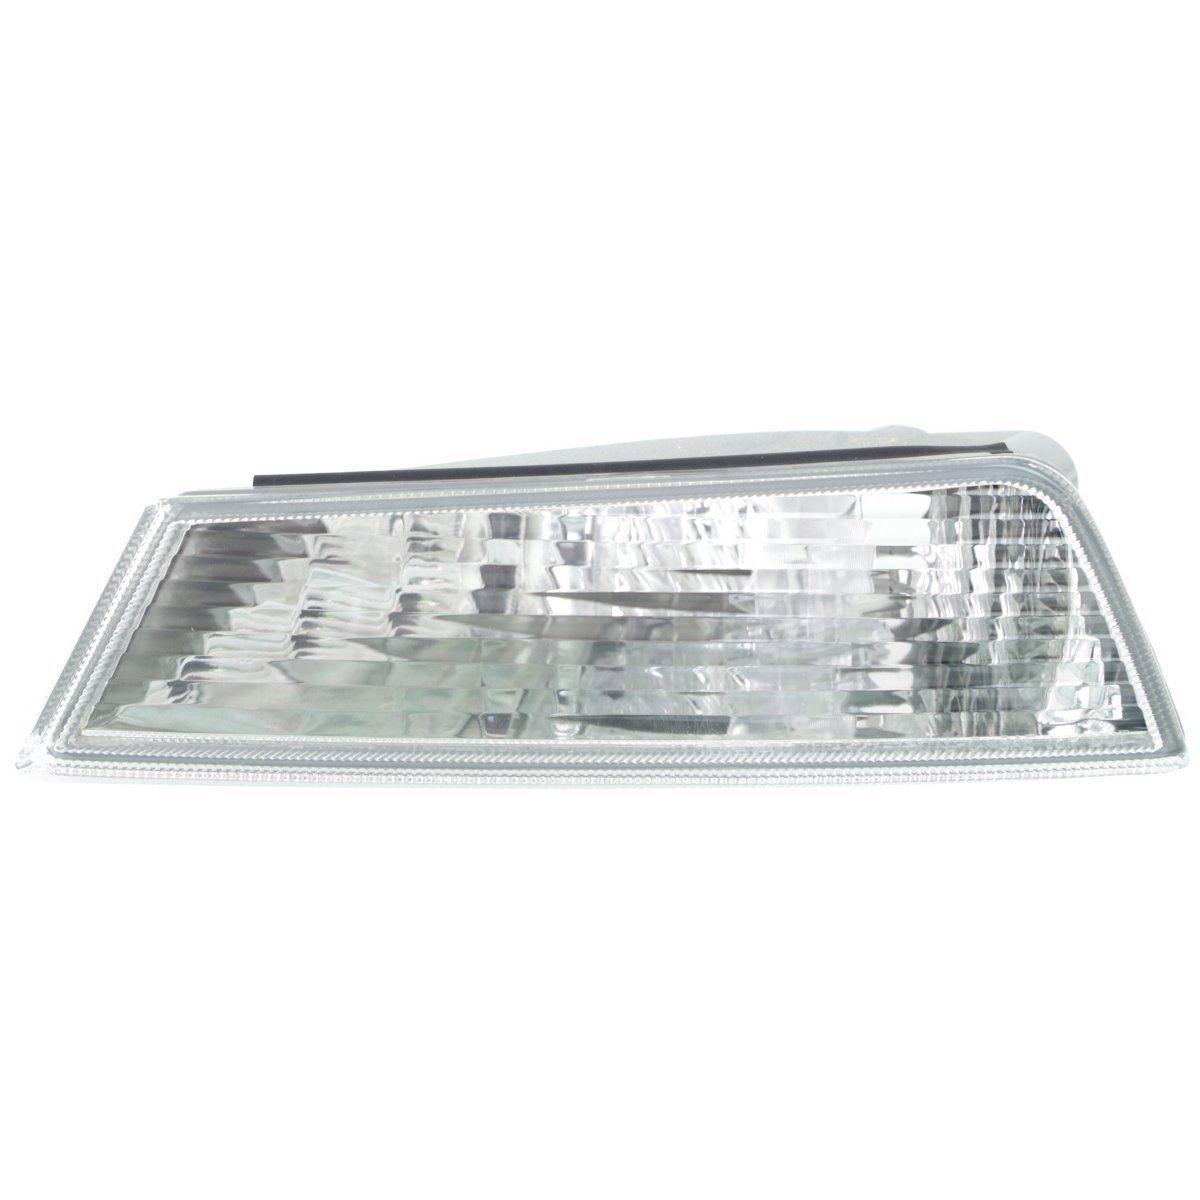 Turn Signal Light For 2009-2011 Acura TL SH-AWD Plastic Lens Passenger Side